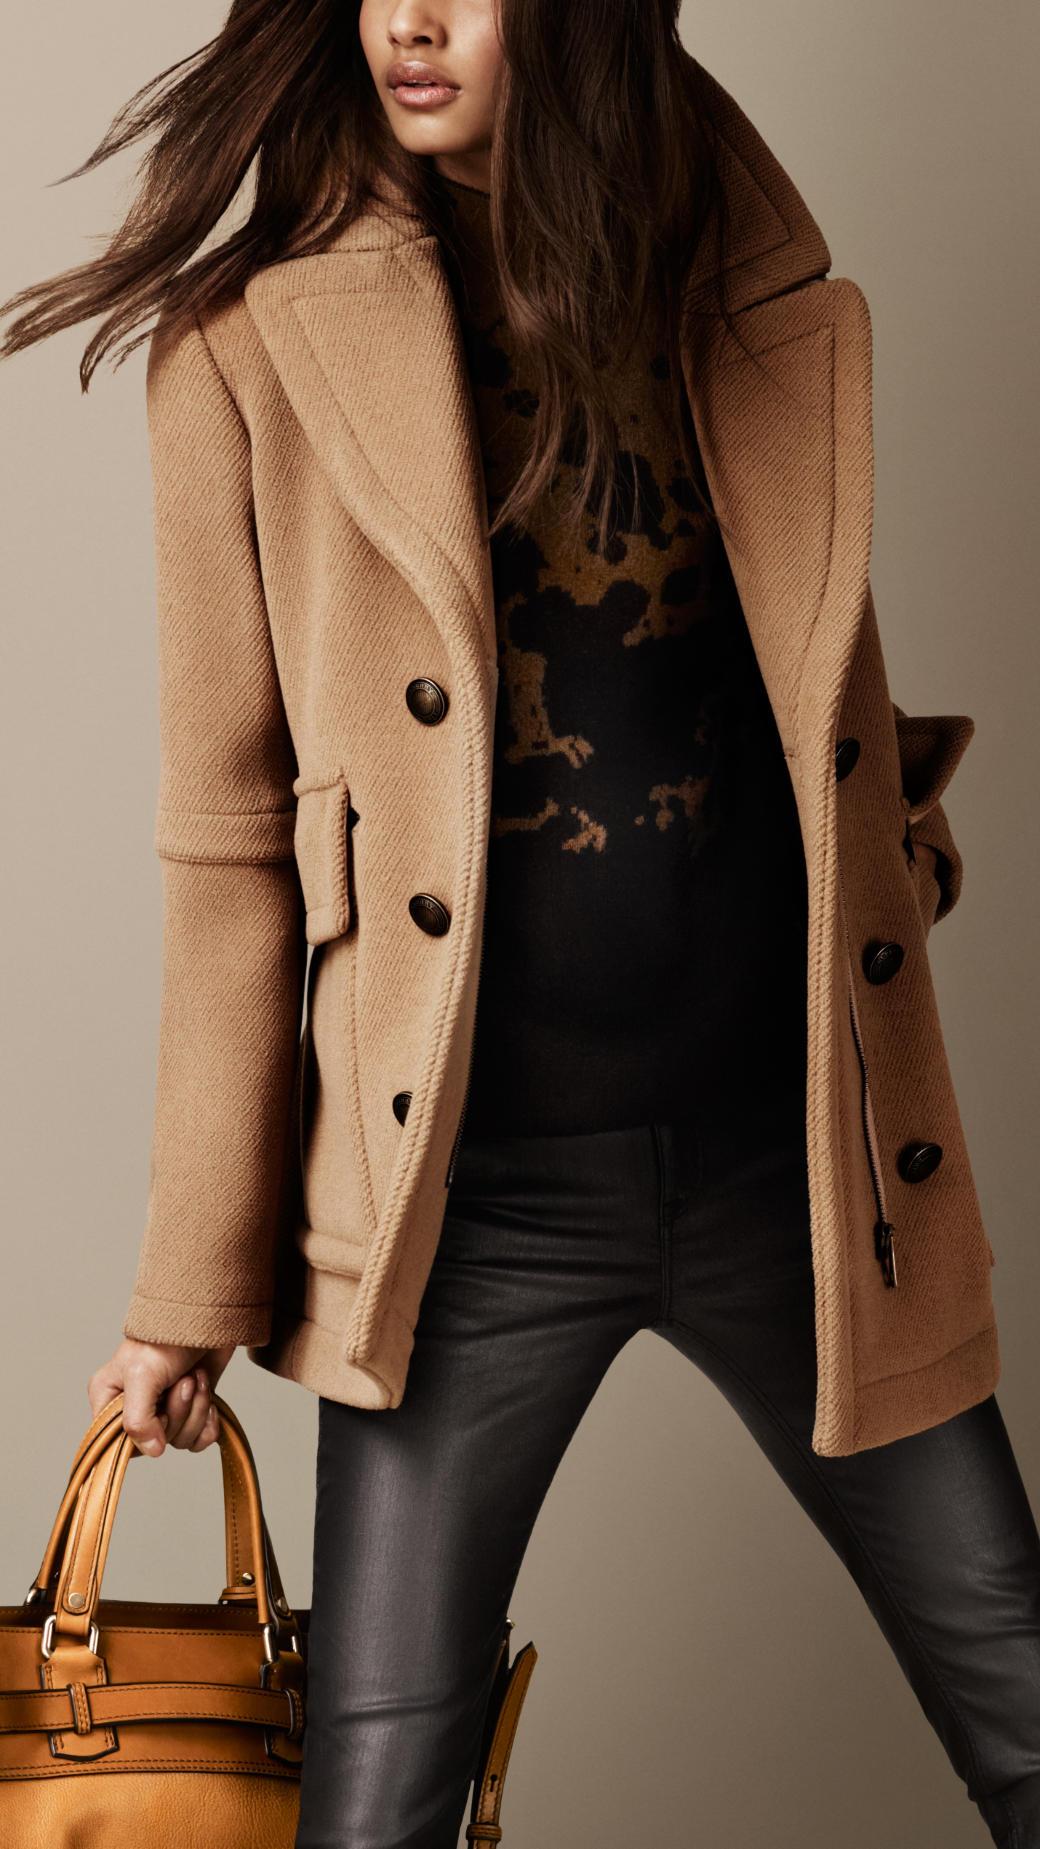 d9648490626 Gallery. Women s Peacoats Women s Teddy Bear Coats ...